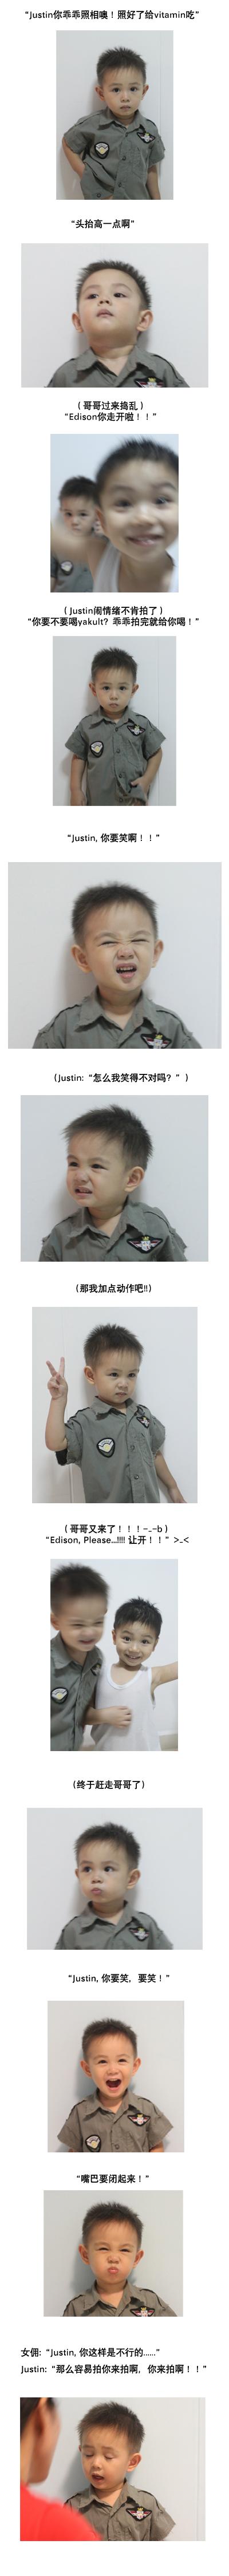 两岁半宝宝拍护照照片全记录,累死姐啦